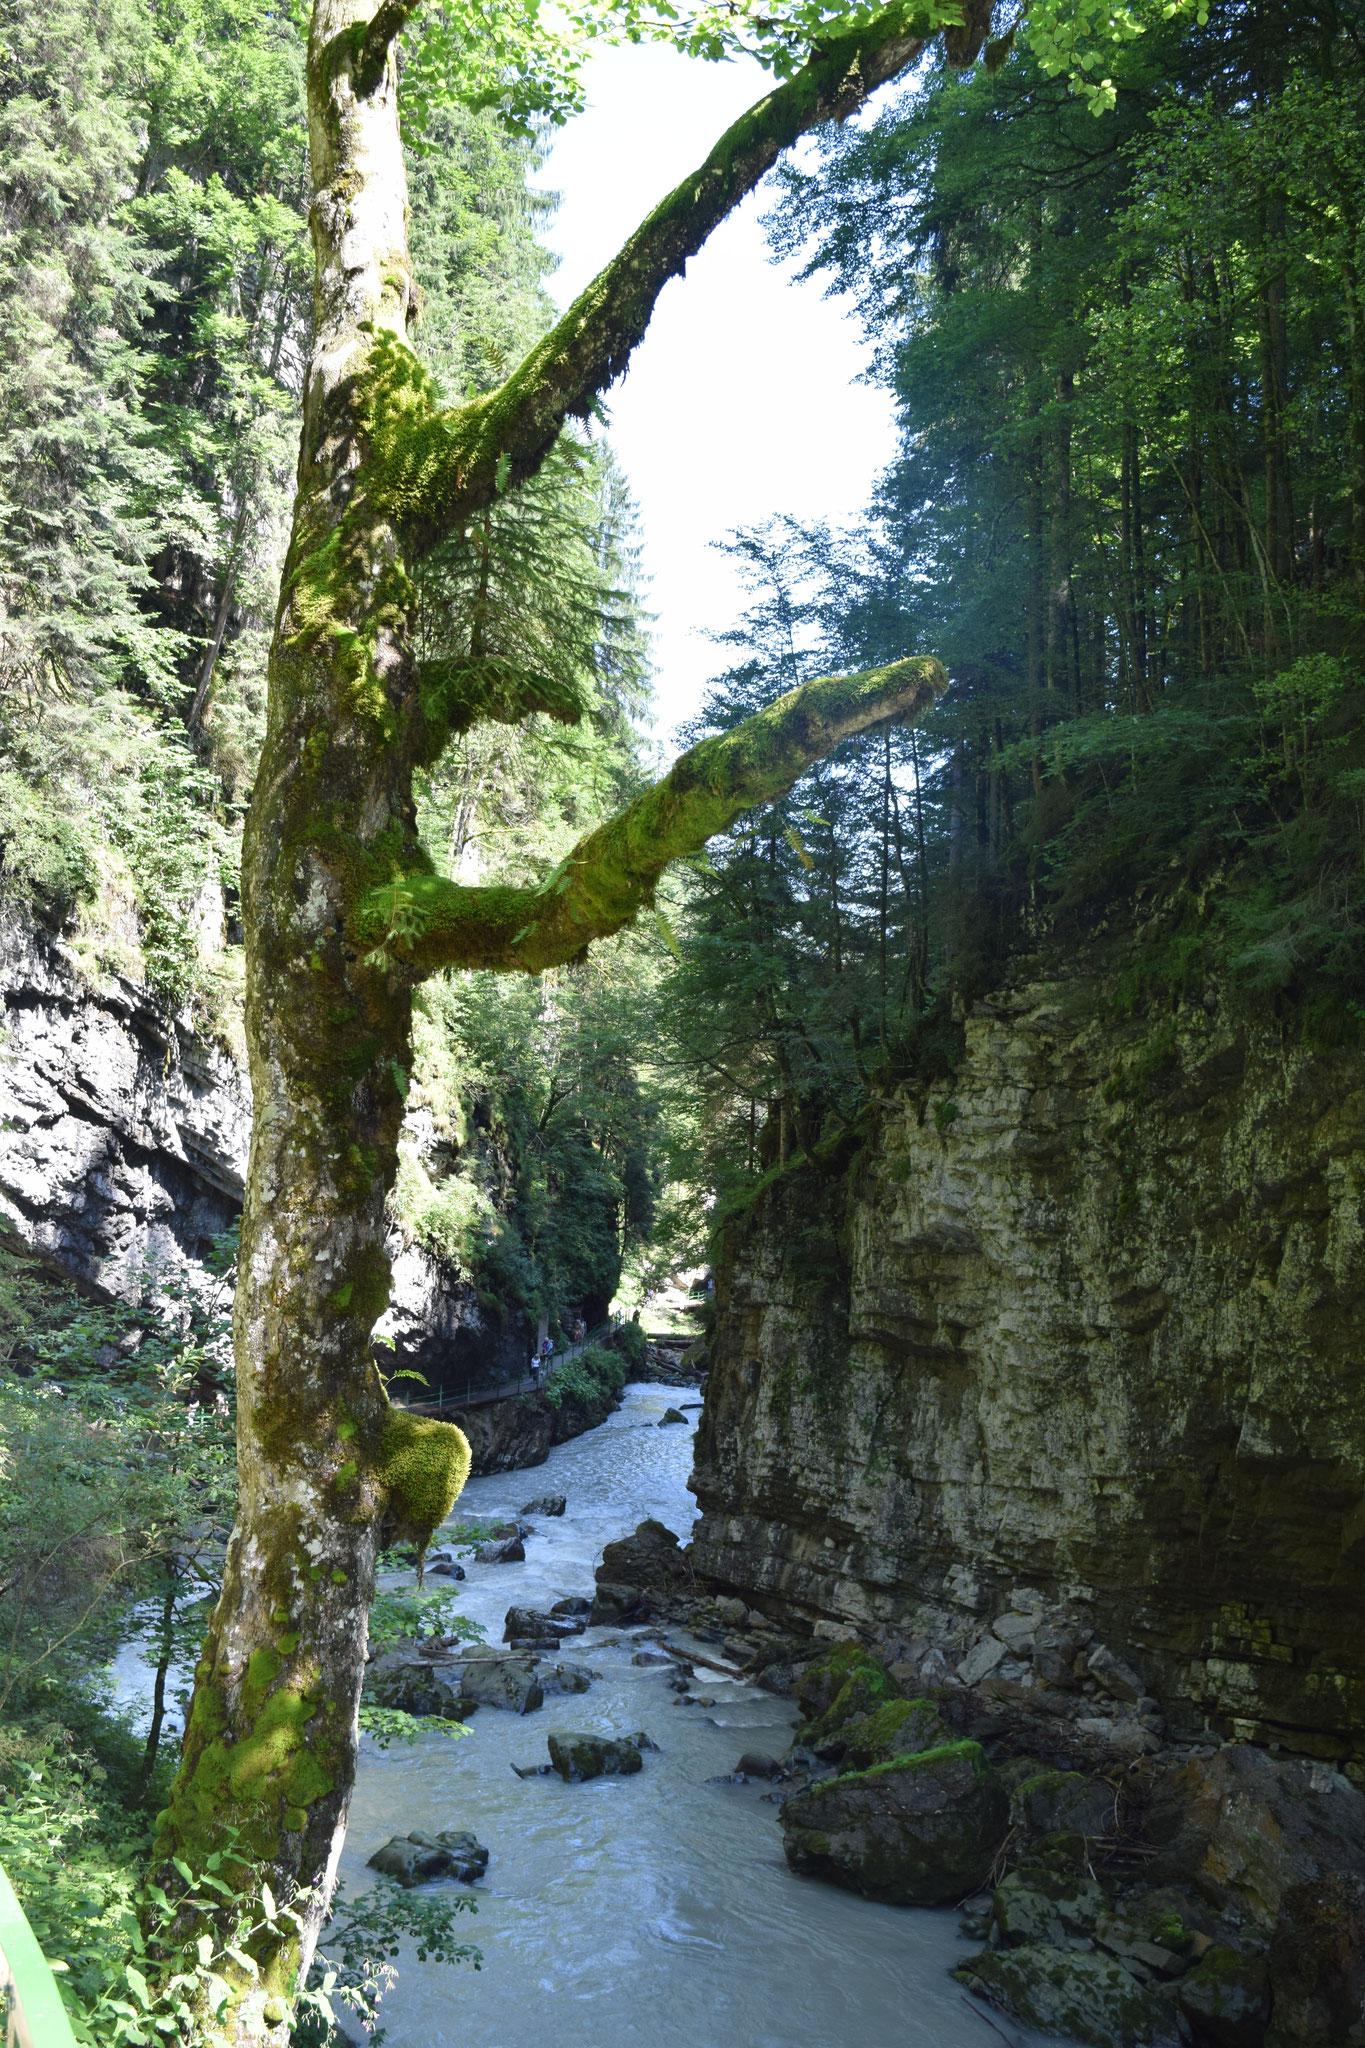 Meine Sommerferien im Allgäu. Mit Badespaß, Bergwanderungen, Schloss Neuschwanstein und der Breitachklamm.